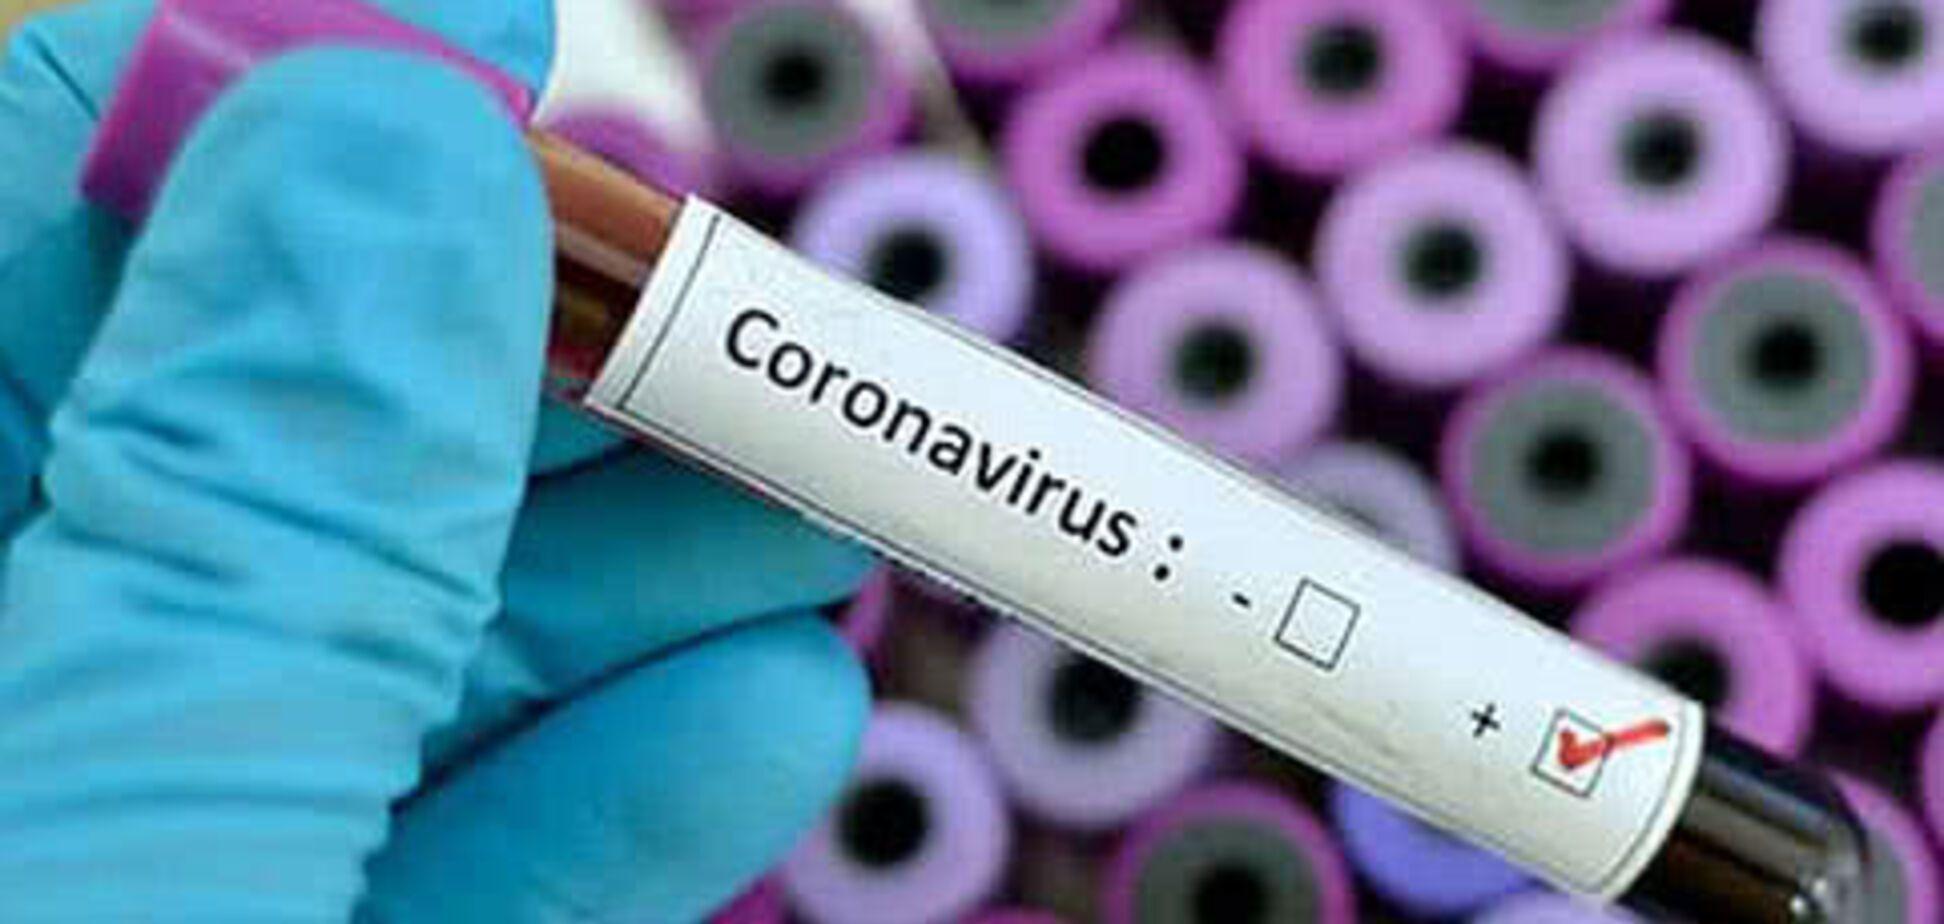 Коронавірус дістався ще до трьох країн